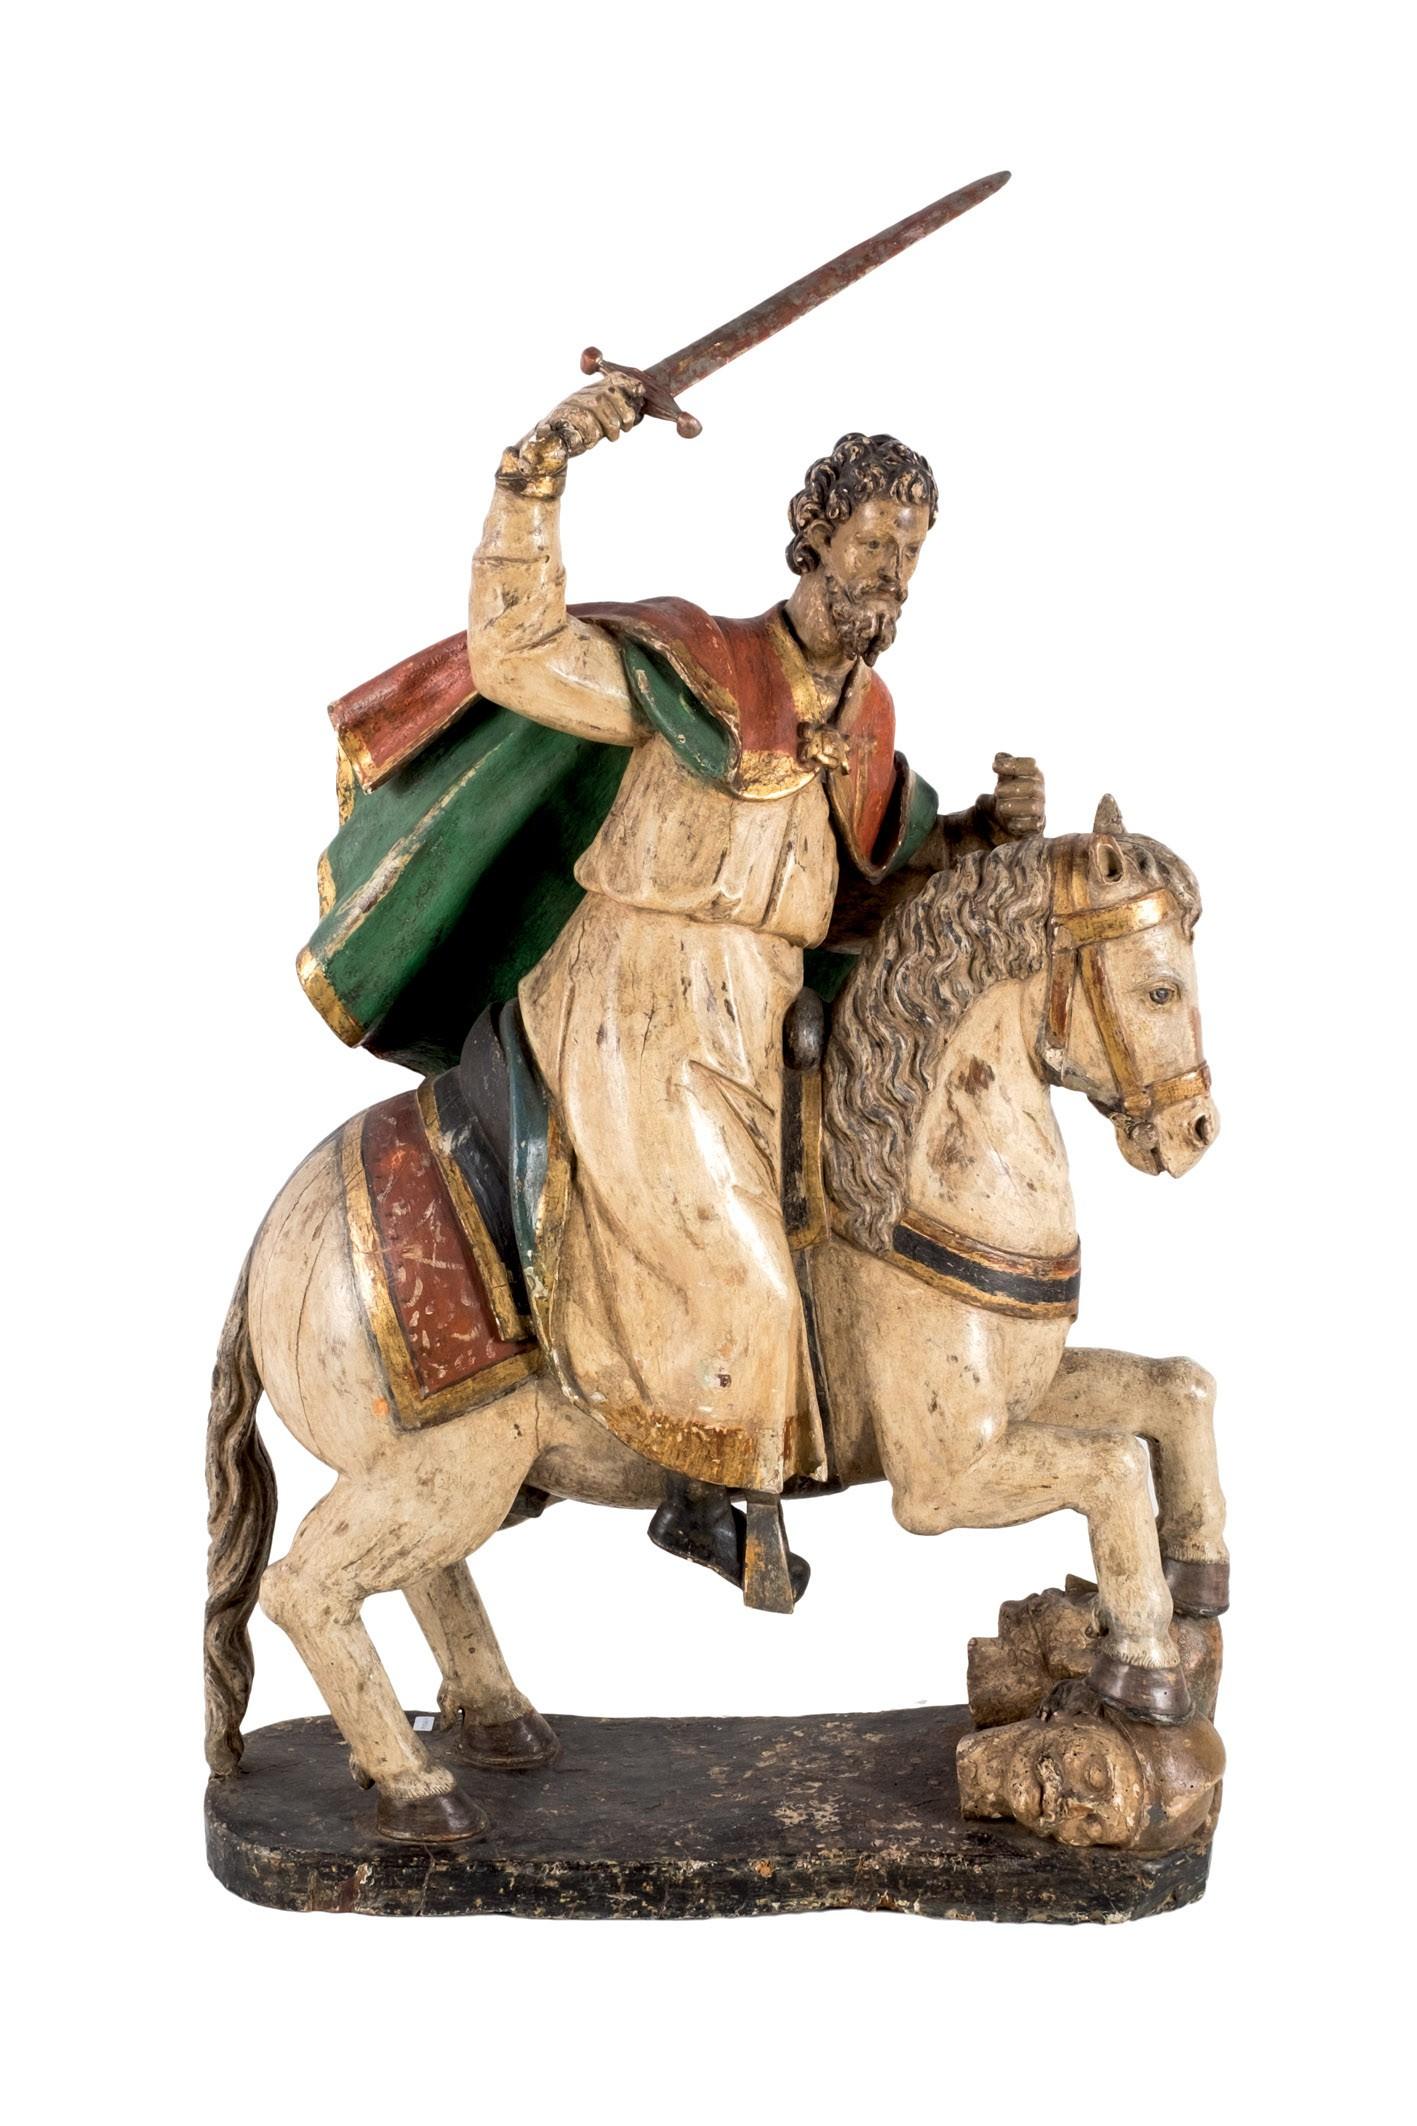 692-figura-en-madera-tallada-y-policromada-representando-a-santiago-matamoros.-espaa.-ffs.-s.-xviii.00